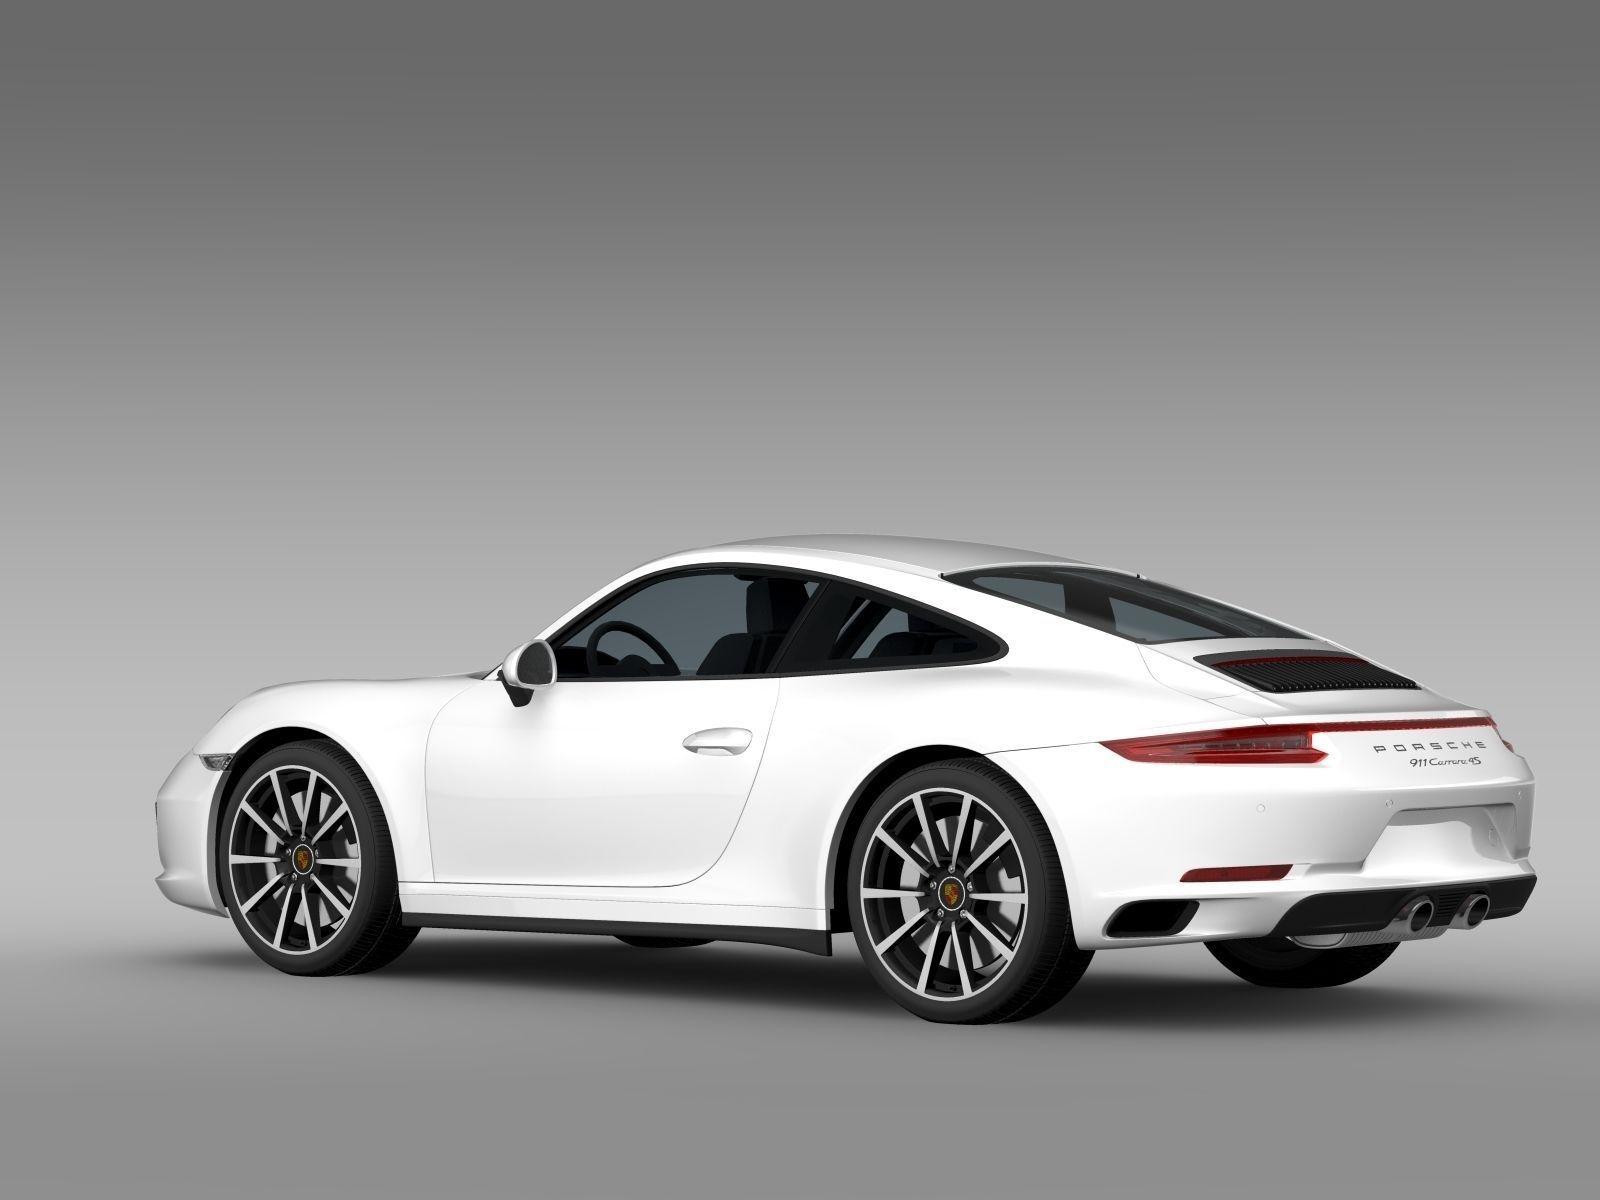 porsche 911 carrera 4s coupe 991 2016 3d model max obj 3ds fbx c4d lwo lw lws. Black Bedroom Furniture Sets. Home Design Ideas